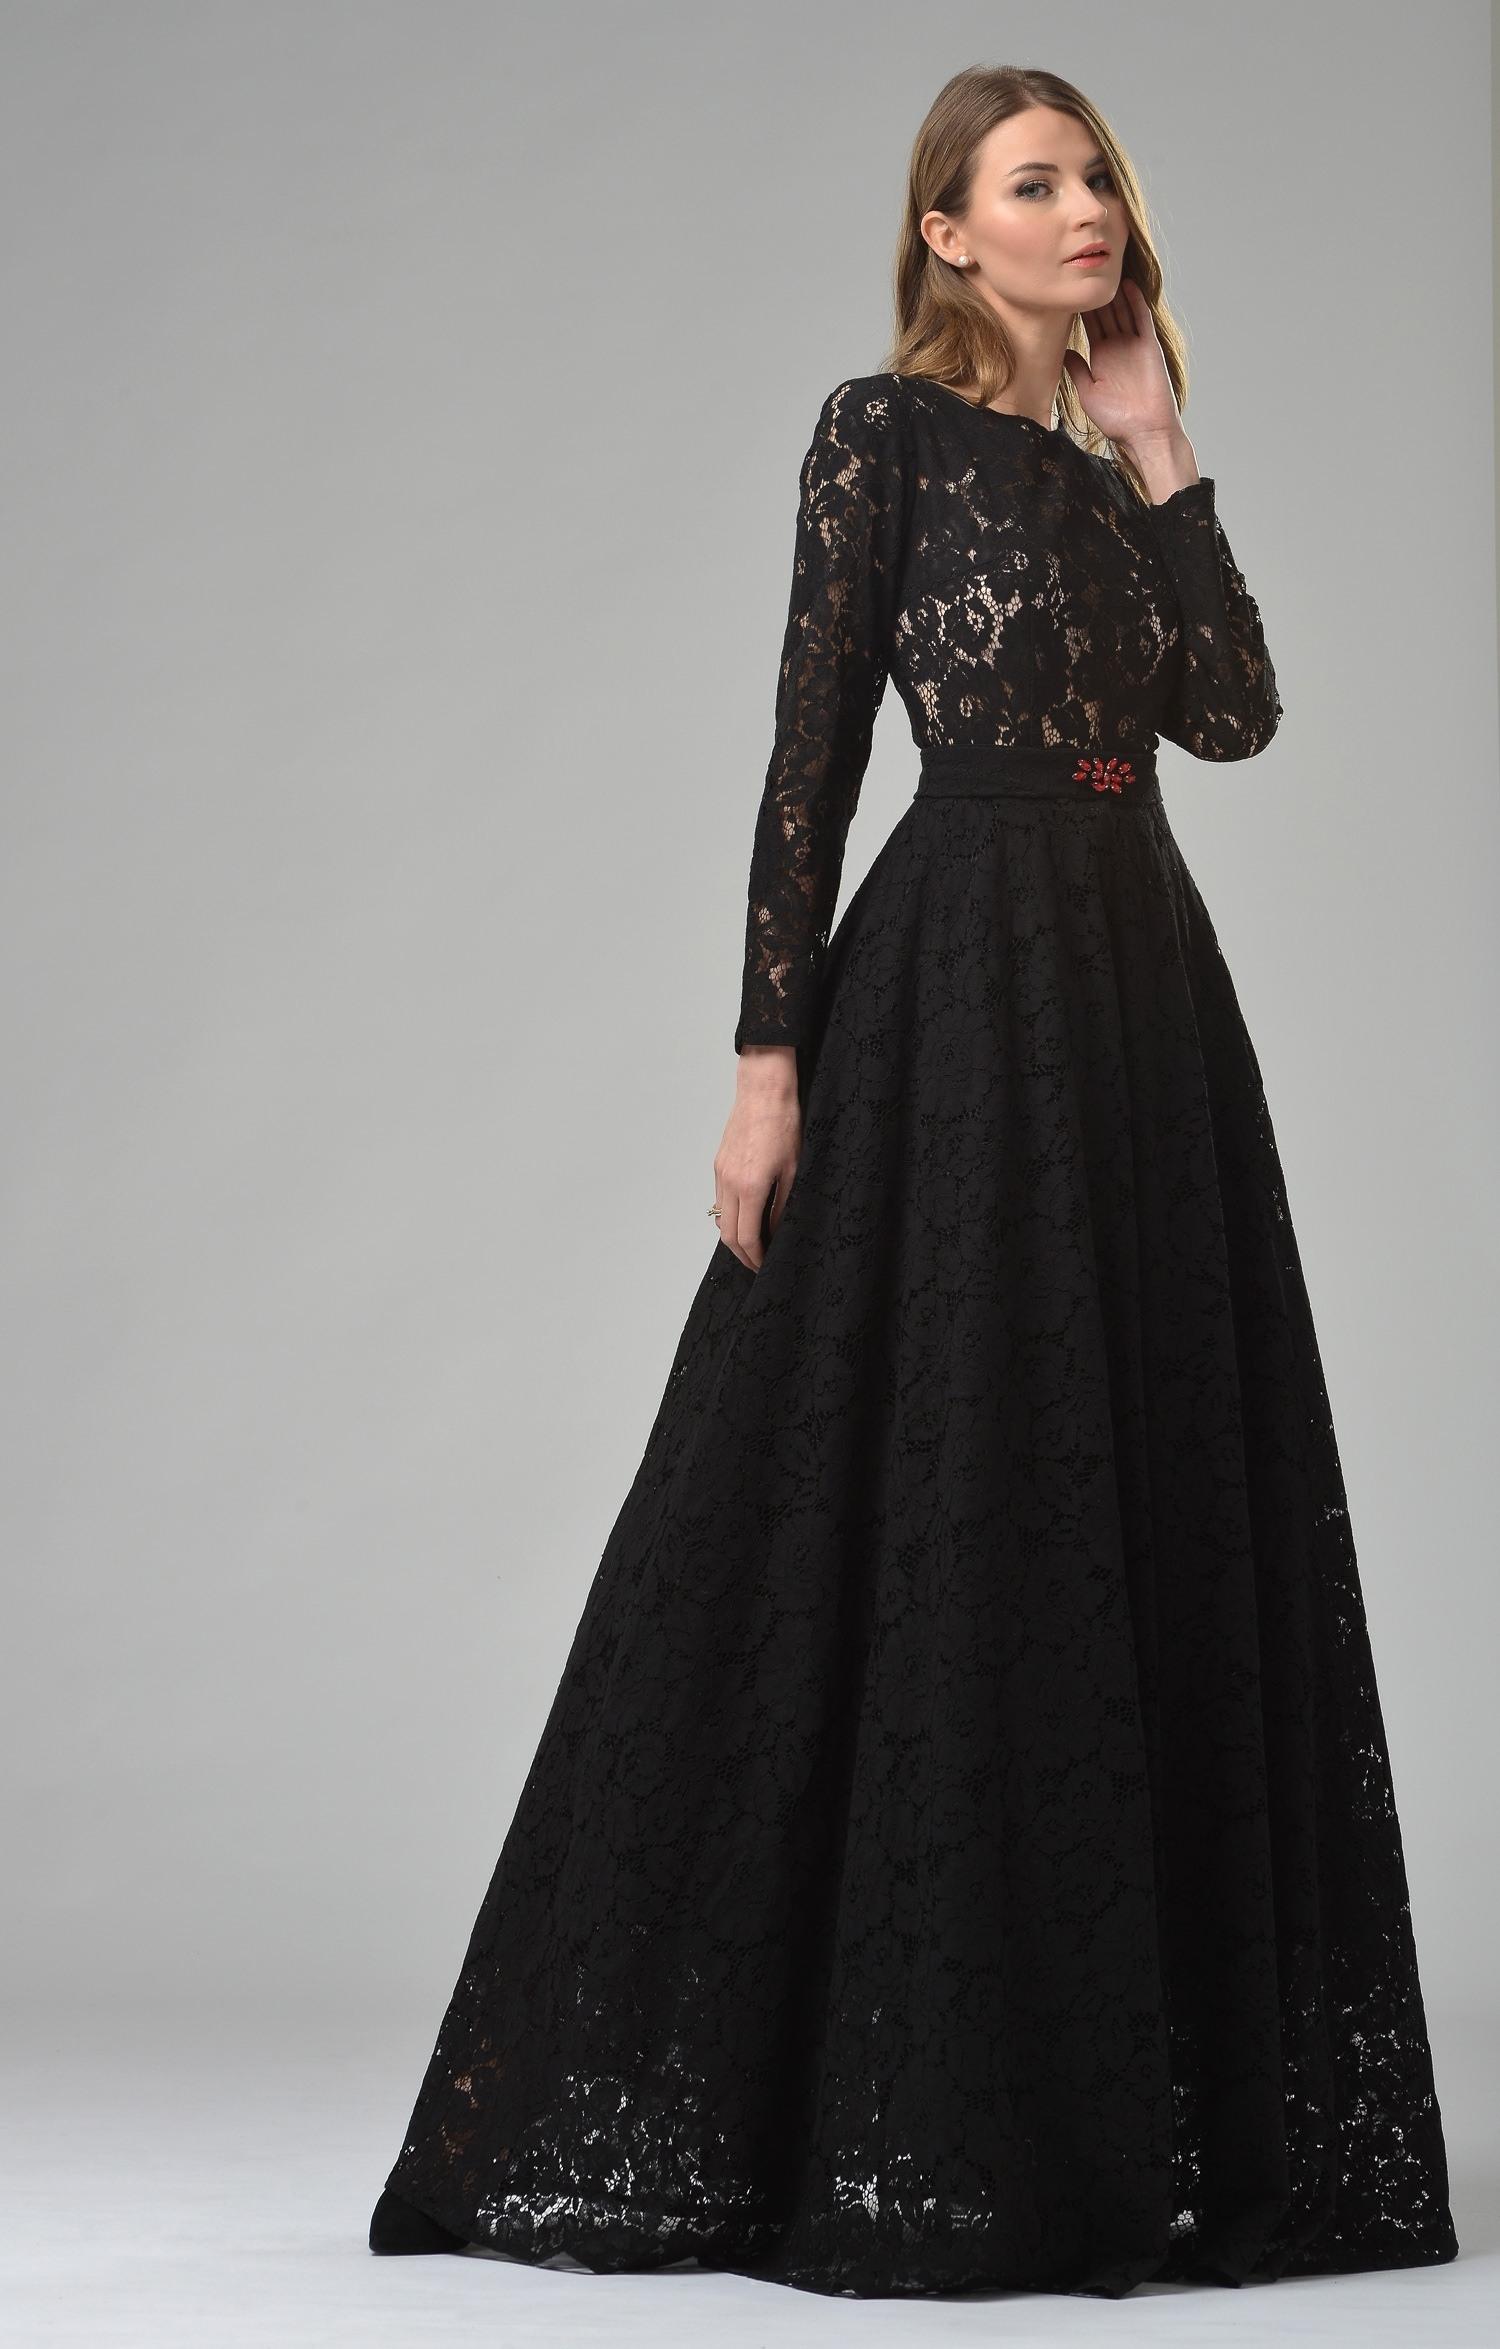 schwarz und gray formal kleid